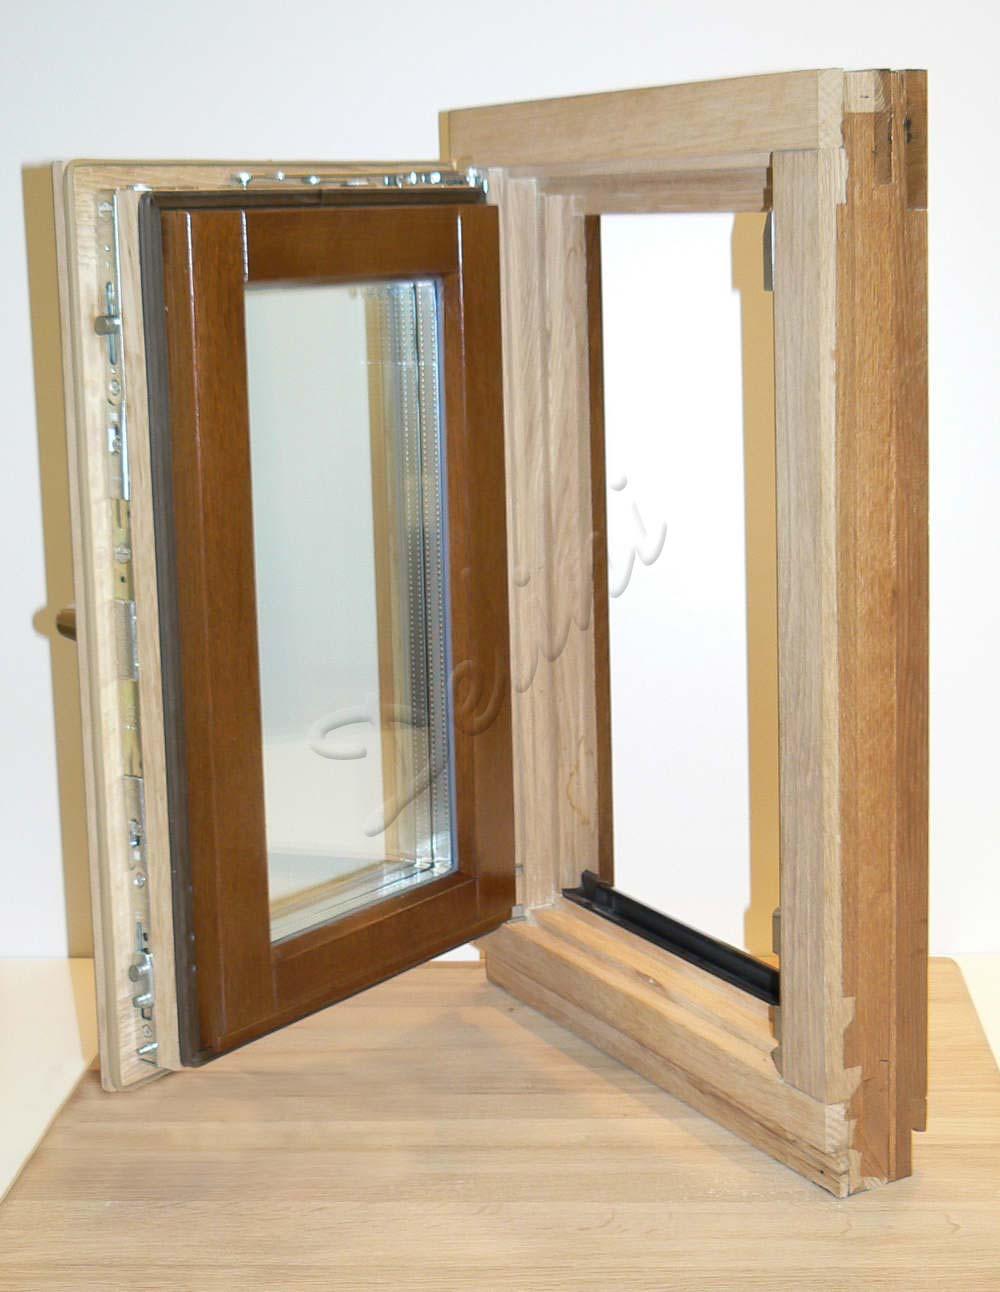 Изготовление окна в баню своими руками